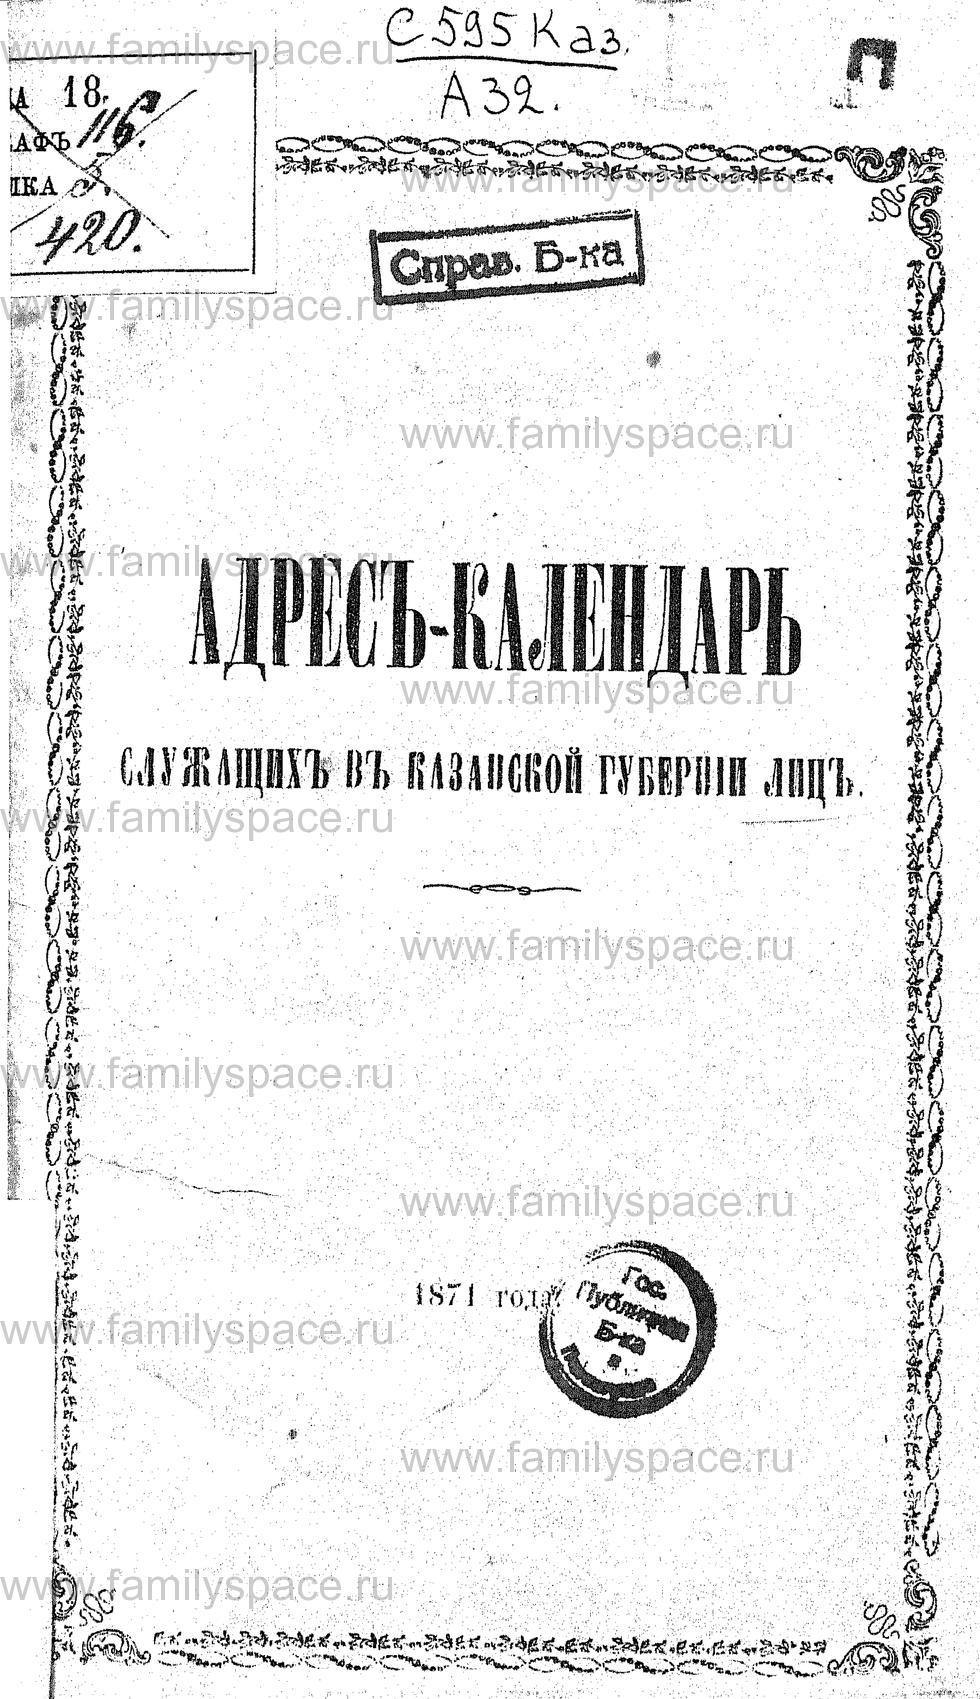 Поиск по фамилии - Адрес-календарь служащих в Казанской губернии лиц - 1871 год, страница -1